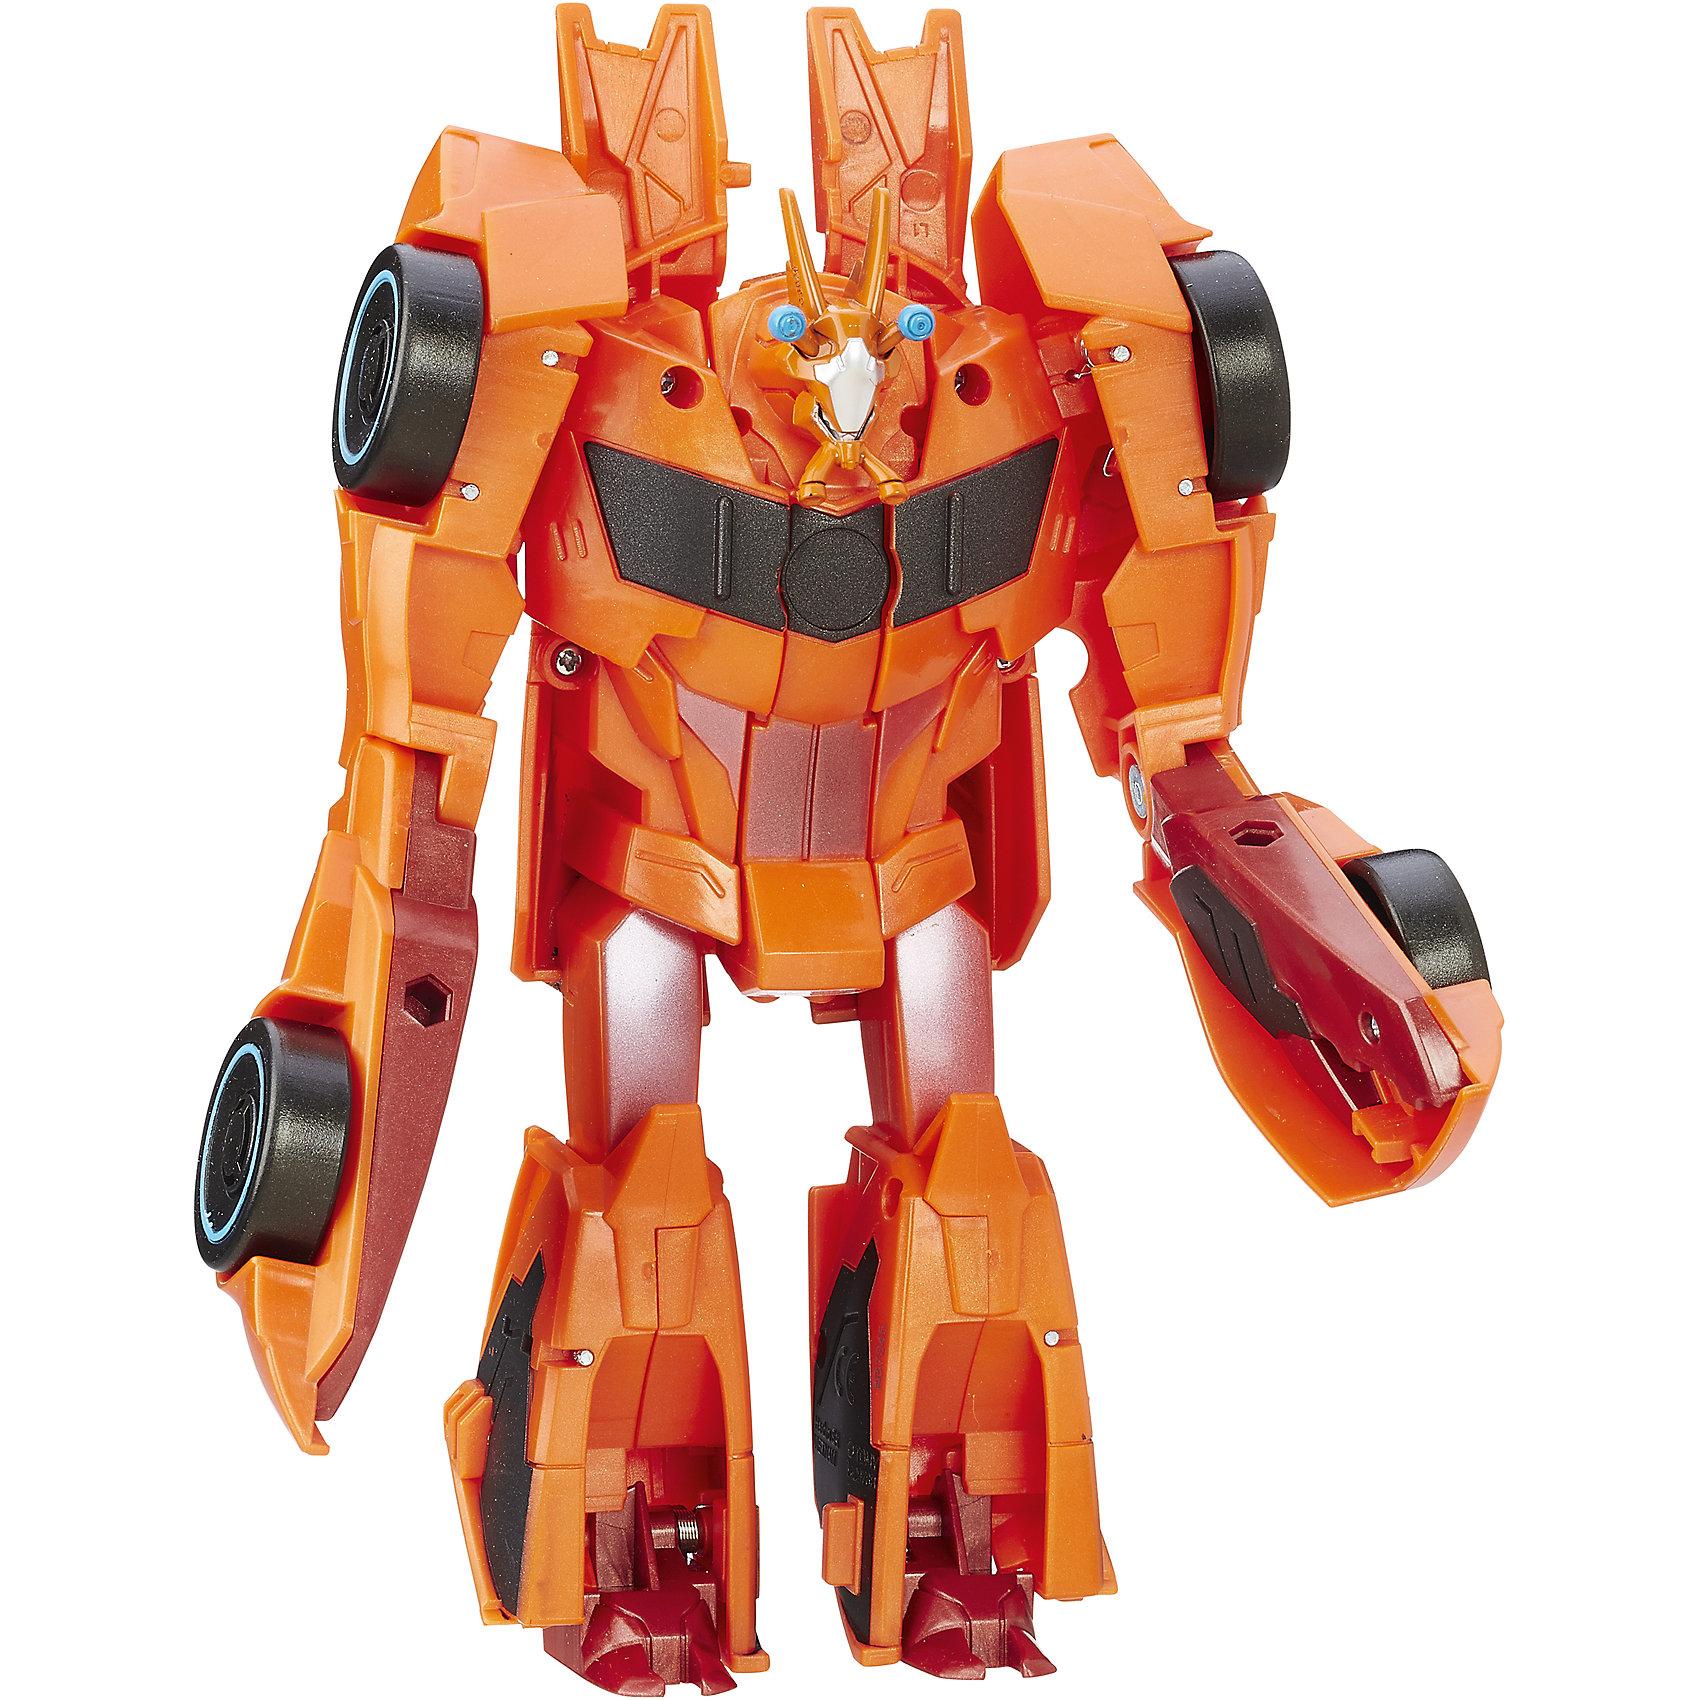 Роботс-ин-Дисгайс Гиперчэндж - Биск, ТрансформерыИгрушки<br>Характеристики:<br><br>• Вид игр: сюжетно-ролевые, коллекционирование<br>• Пол: для мальчиков<br>• Коллекция: Трансформеры<br>• Материал: пластик<br>• Высота робота: от 12 см<br>• Трансформируется в машинку<br>• На фигурке имеется сканируемая наклейка, которая открывает доступ и дополнительные возможности в бесплатном мобильном приложении Hasbro Robots in Disguise<br>• Вес в упаковке: 300 г<br>• Размеры упаковки (Г*Ш*В): 15*6*17,5 см<br>• Упаковка: блистер на картонной подложке<br><br>Роботс-ин-Дисгайс Гиперчэндж, Биск, Трансформеры, B0067/B7045, B0067/B7045 от Хасбро – это коллекция трансформеров-роботов, созданных по мотивам популярного мультсериала Трансформеры: Роботы под прикрытием. Коллекция включает в себя роботов двух враждующих кланов. Каждая фигурка трансформируется либо в машину, либо в монстра или динозавра. Фигурки героев данной серии выполнены из безопасного и устойчивого к ударам пластика, окрашены нетоксичной краской. На груди робота имеется сканируемая наклейка, которая открывает доступ и дополнительные возможности в бесплатном мобильном приложении Hasbro Robots in Disguise. Фигурка выполнена с высокой степенью детализации. Сюжетно-ролевые игры с Роботс-ин-Дисгайс Гиперчэндж, Биск, Трансформеры, B0067/B7045, B0067/B7045 будут способствовать эмоциональному развитию ребенка, а разыгрываемые сюжеты с любимыми героями позволят развивать память и воображение. <br><br>Роботс-ин-Дисгайс Гиперчэндж, Биск, Трансформеры, B0067/B7045, B0067/B7045 можно купить в нашем интернет-магазине.<br><br>Ширина мм: 79<br>Глубина мм: 203<br>Высота мм: 229<br>Вес г: 300<br>Возраст от месяцев: 60<br>Возраст до месяцев: 120<br>Пол: Мужской<br>Возраст: Детский<br>SKU: 5352847